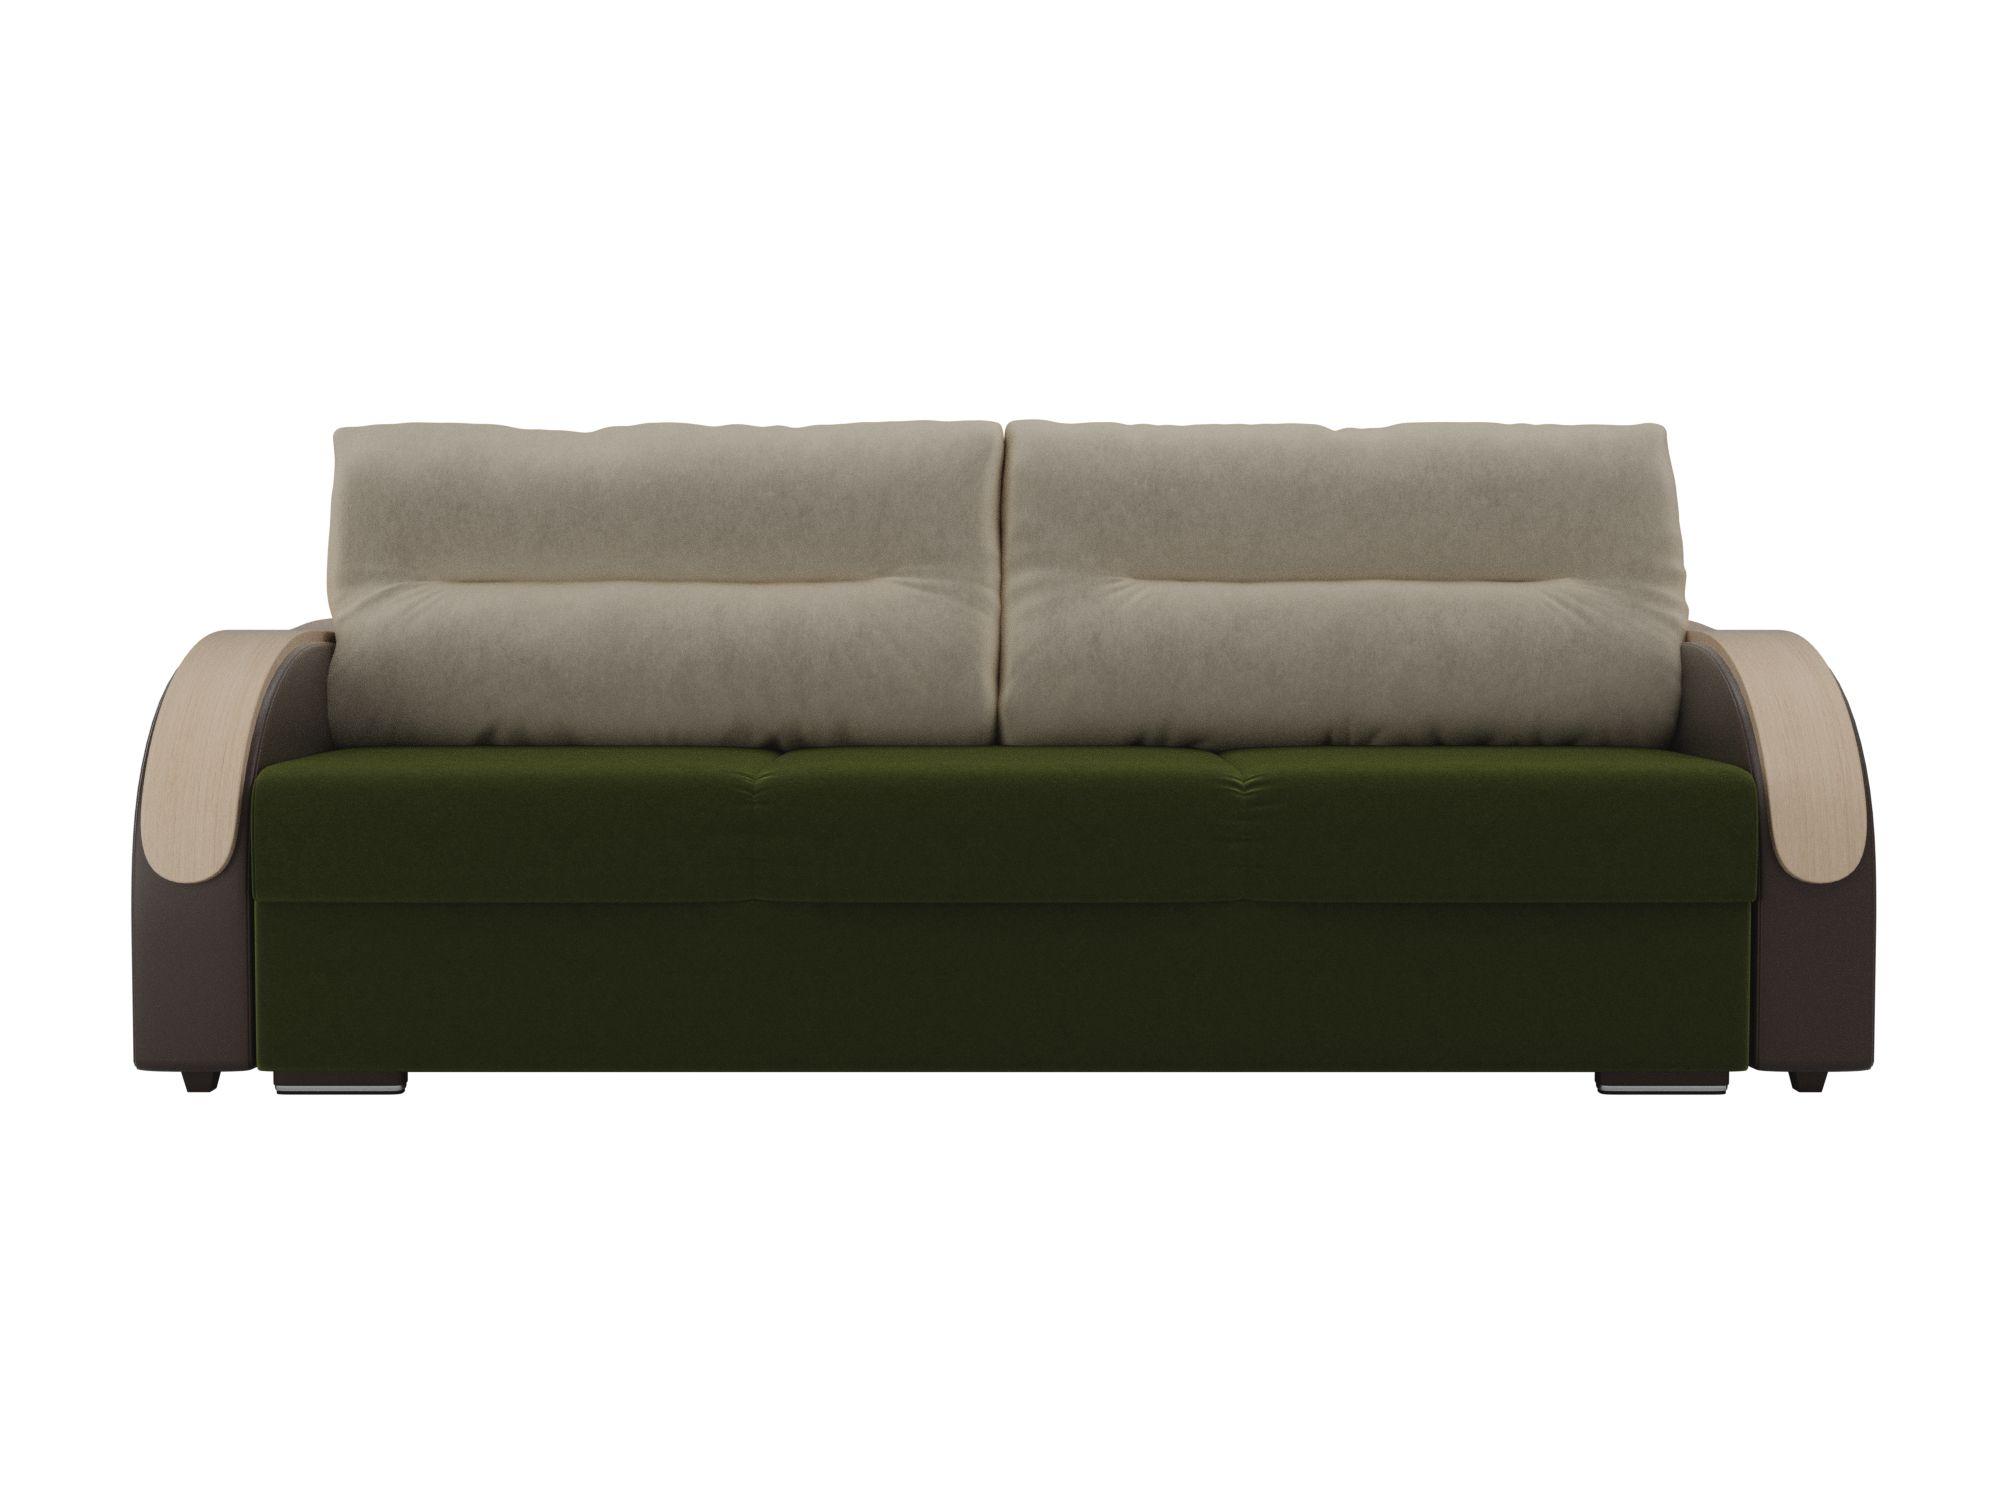 Диван Дарси MebelVia Зеленый, Коричневый, Искусственная кожа диван шарль люкс mebelvia белый черный искусственная кожа лдсп фан